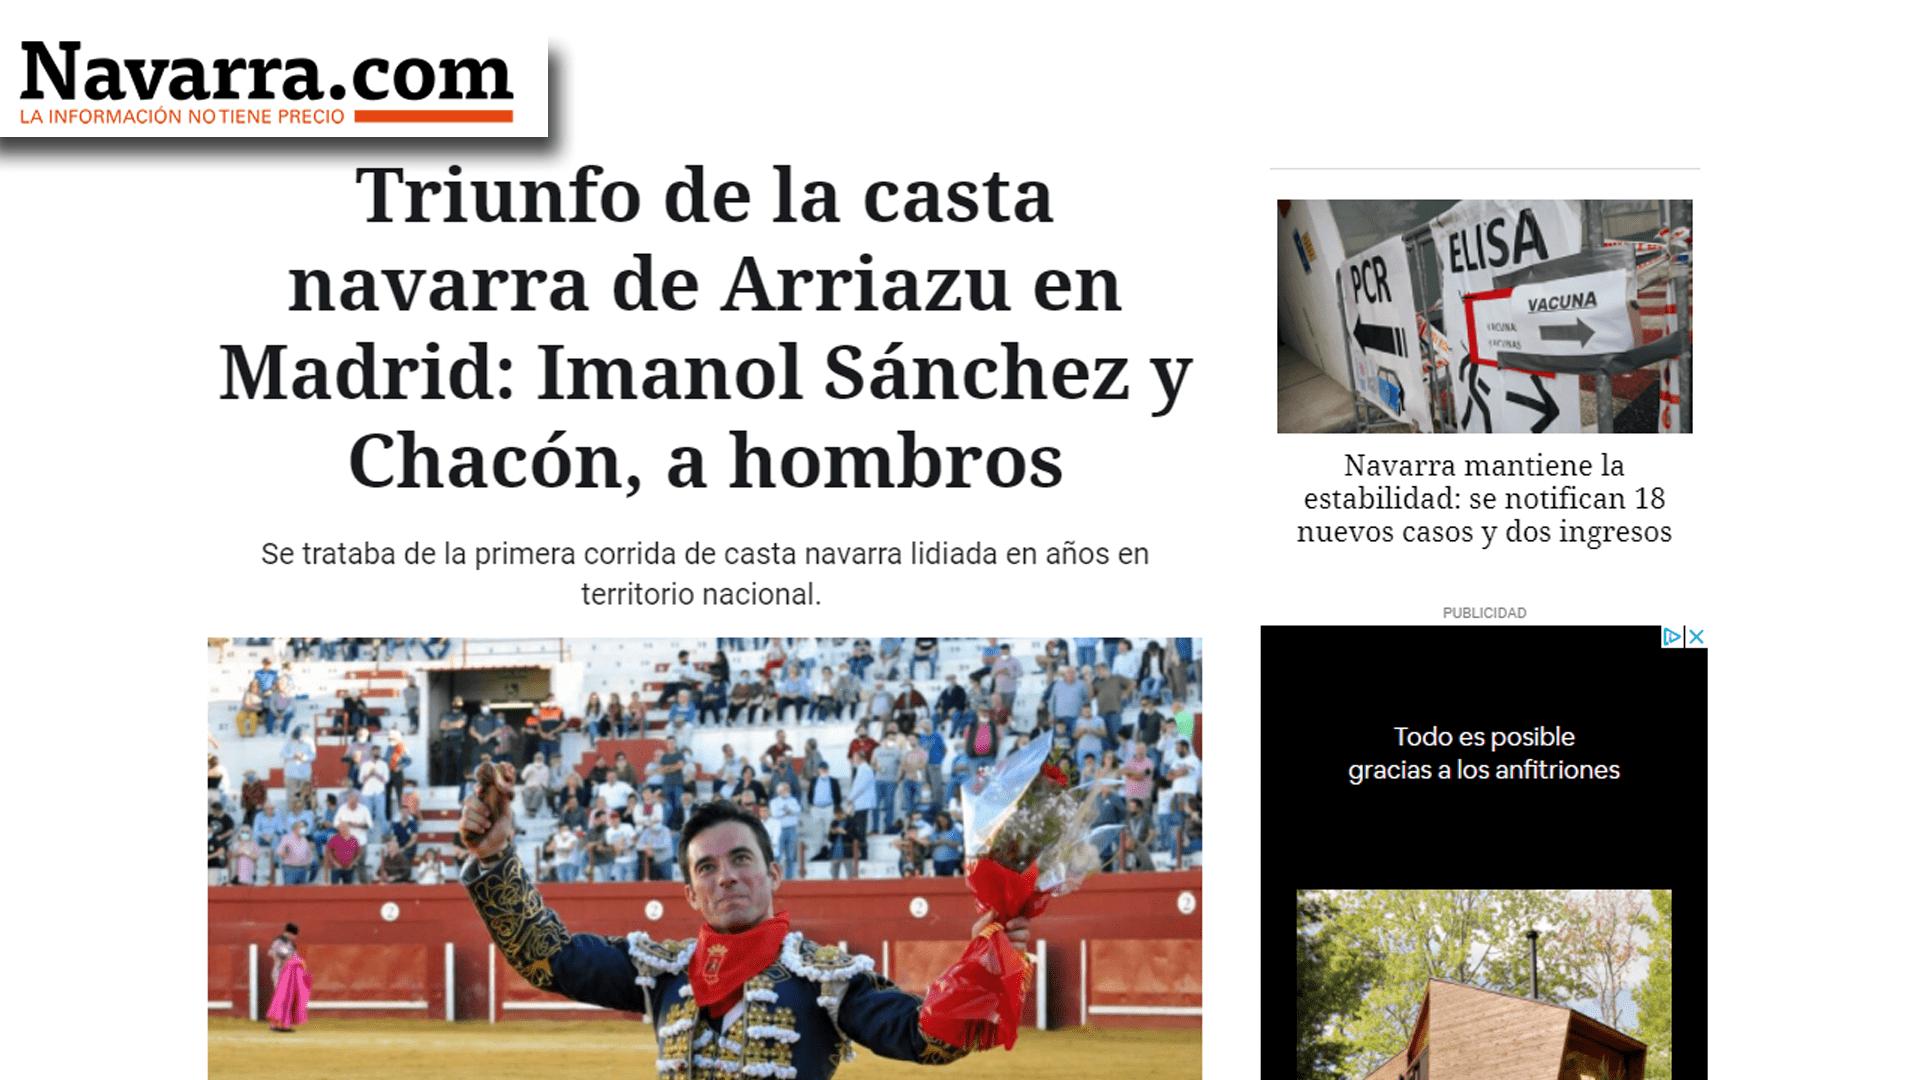 Imanol Sánchez Puerta Grande con Arriazu Portada Navarra com-min